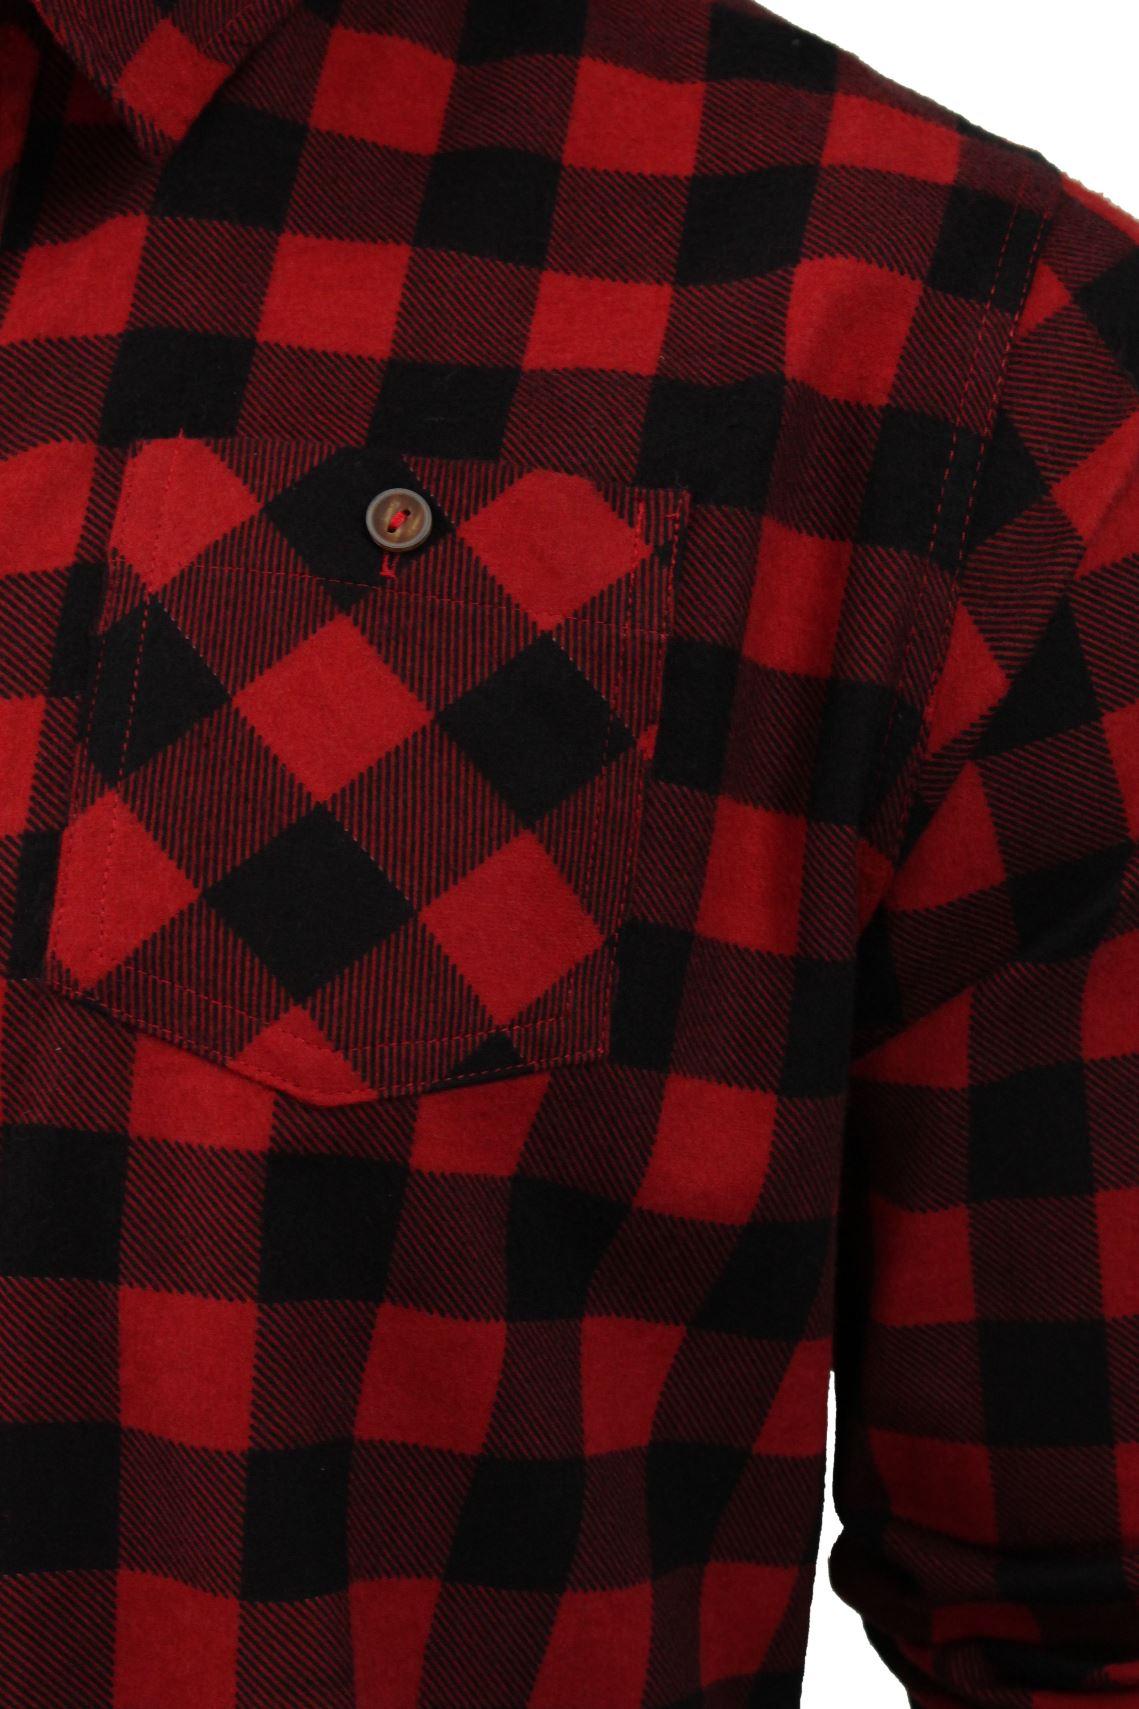 Verificacion-de-franela-de-algodon-cepillado-alma-valiente-camisa-de-mangas-largas-De-Jack miniatura 8